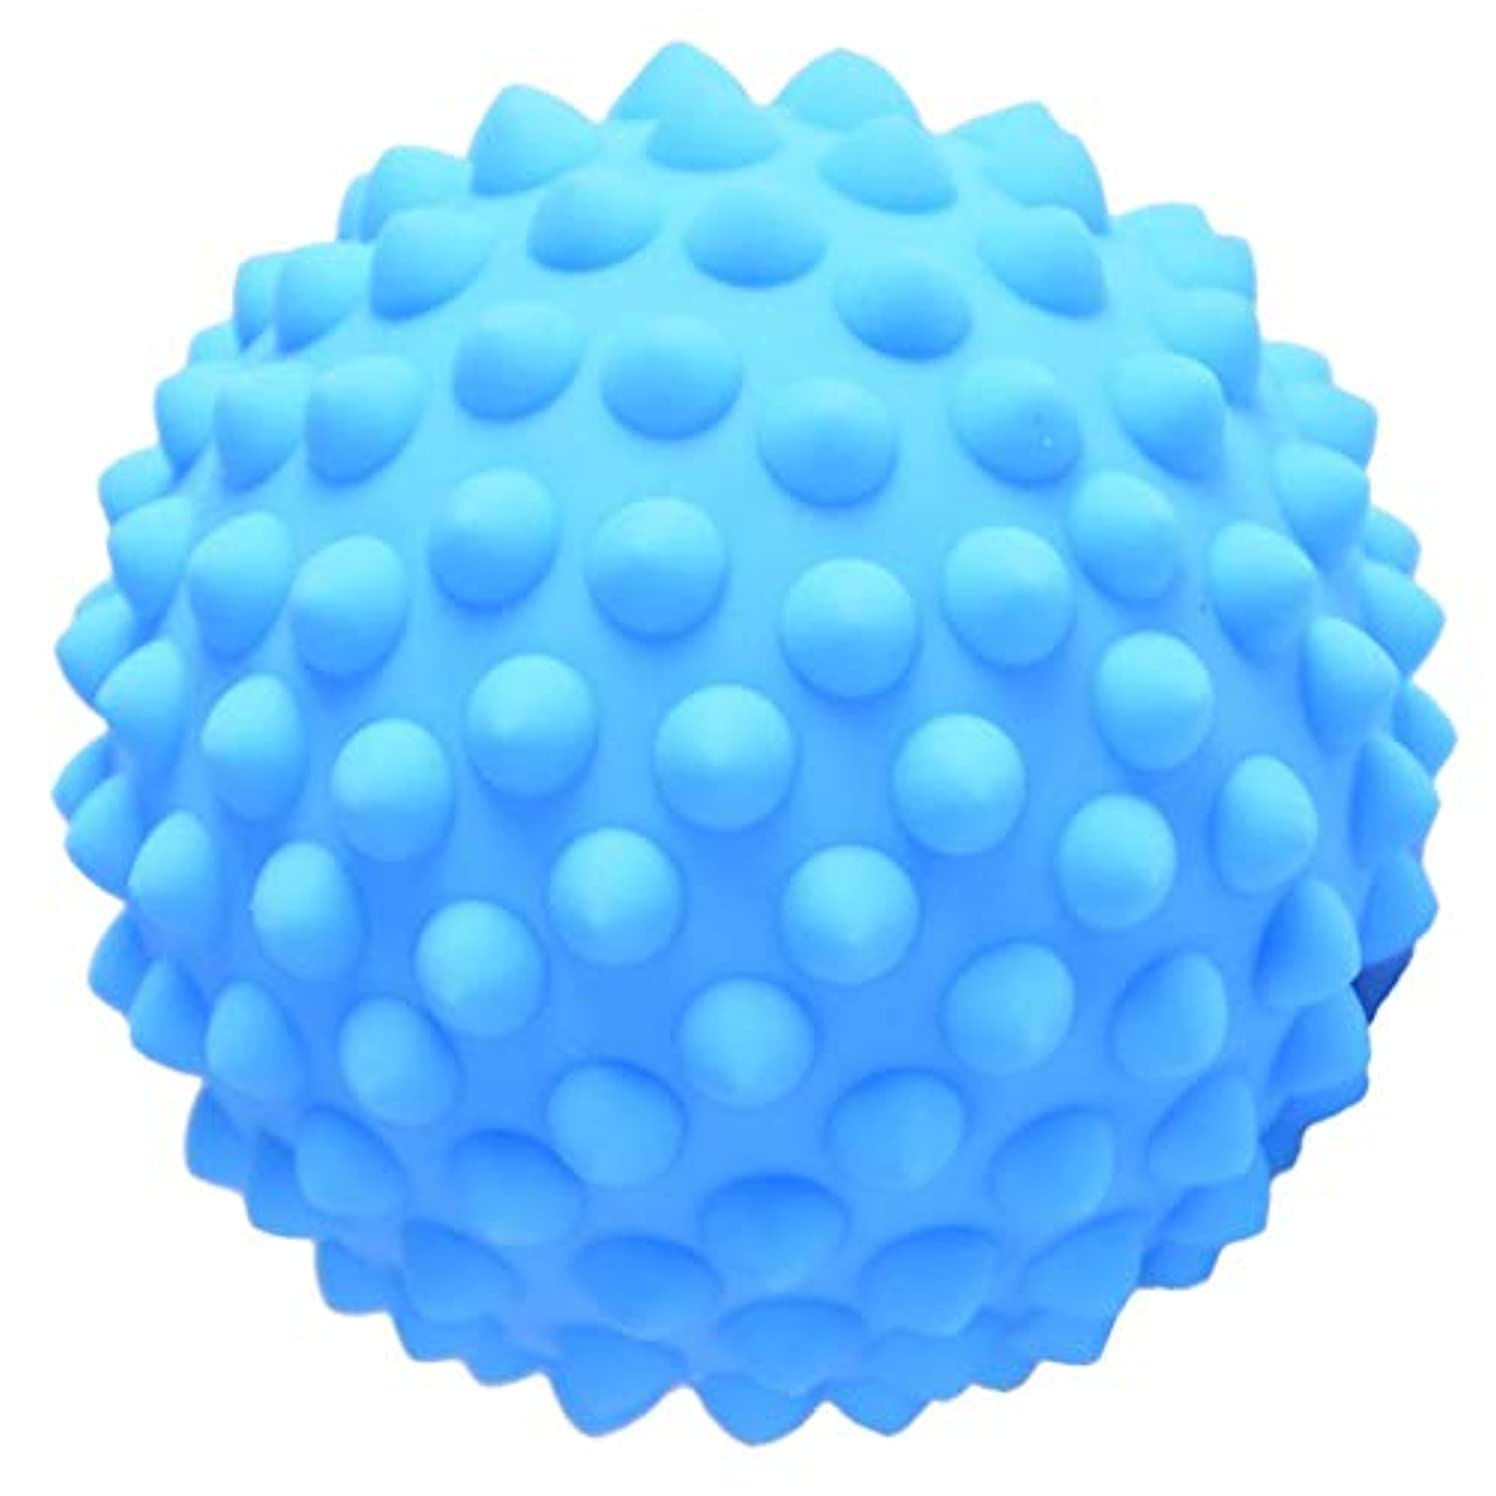 力強い絶対に引退するPerfeclan ハードマッサージ マッサージボール ハード トリガーマッサージ ポインマッサージ 3色選べ - 青, 説明のとおり